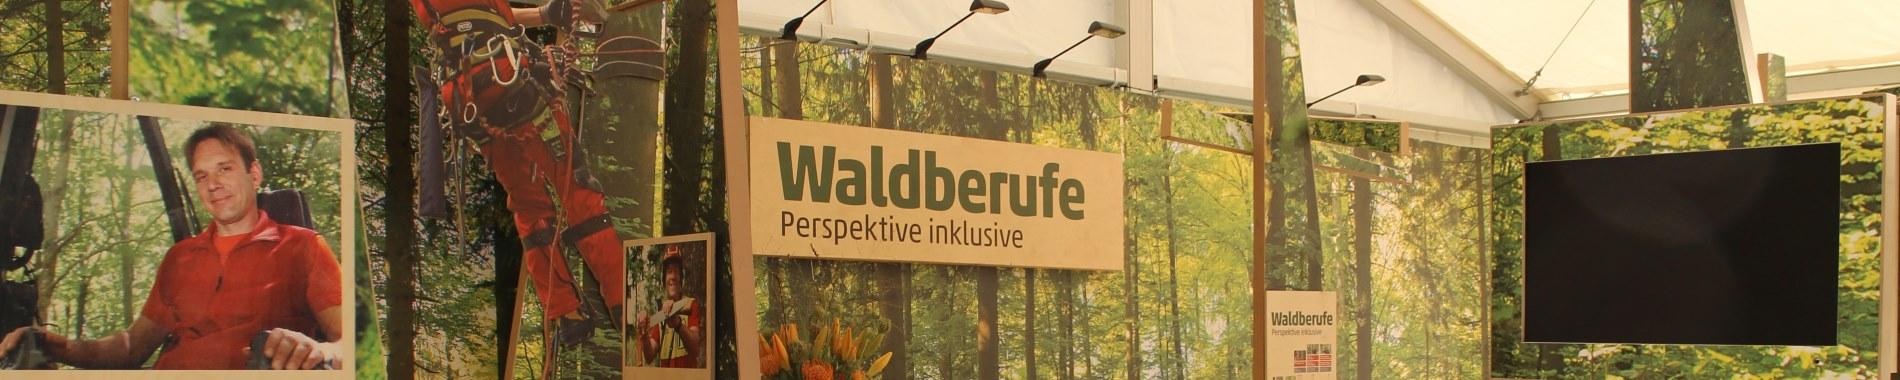 Waldberufe